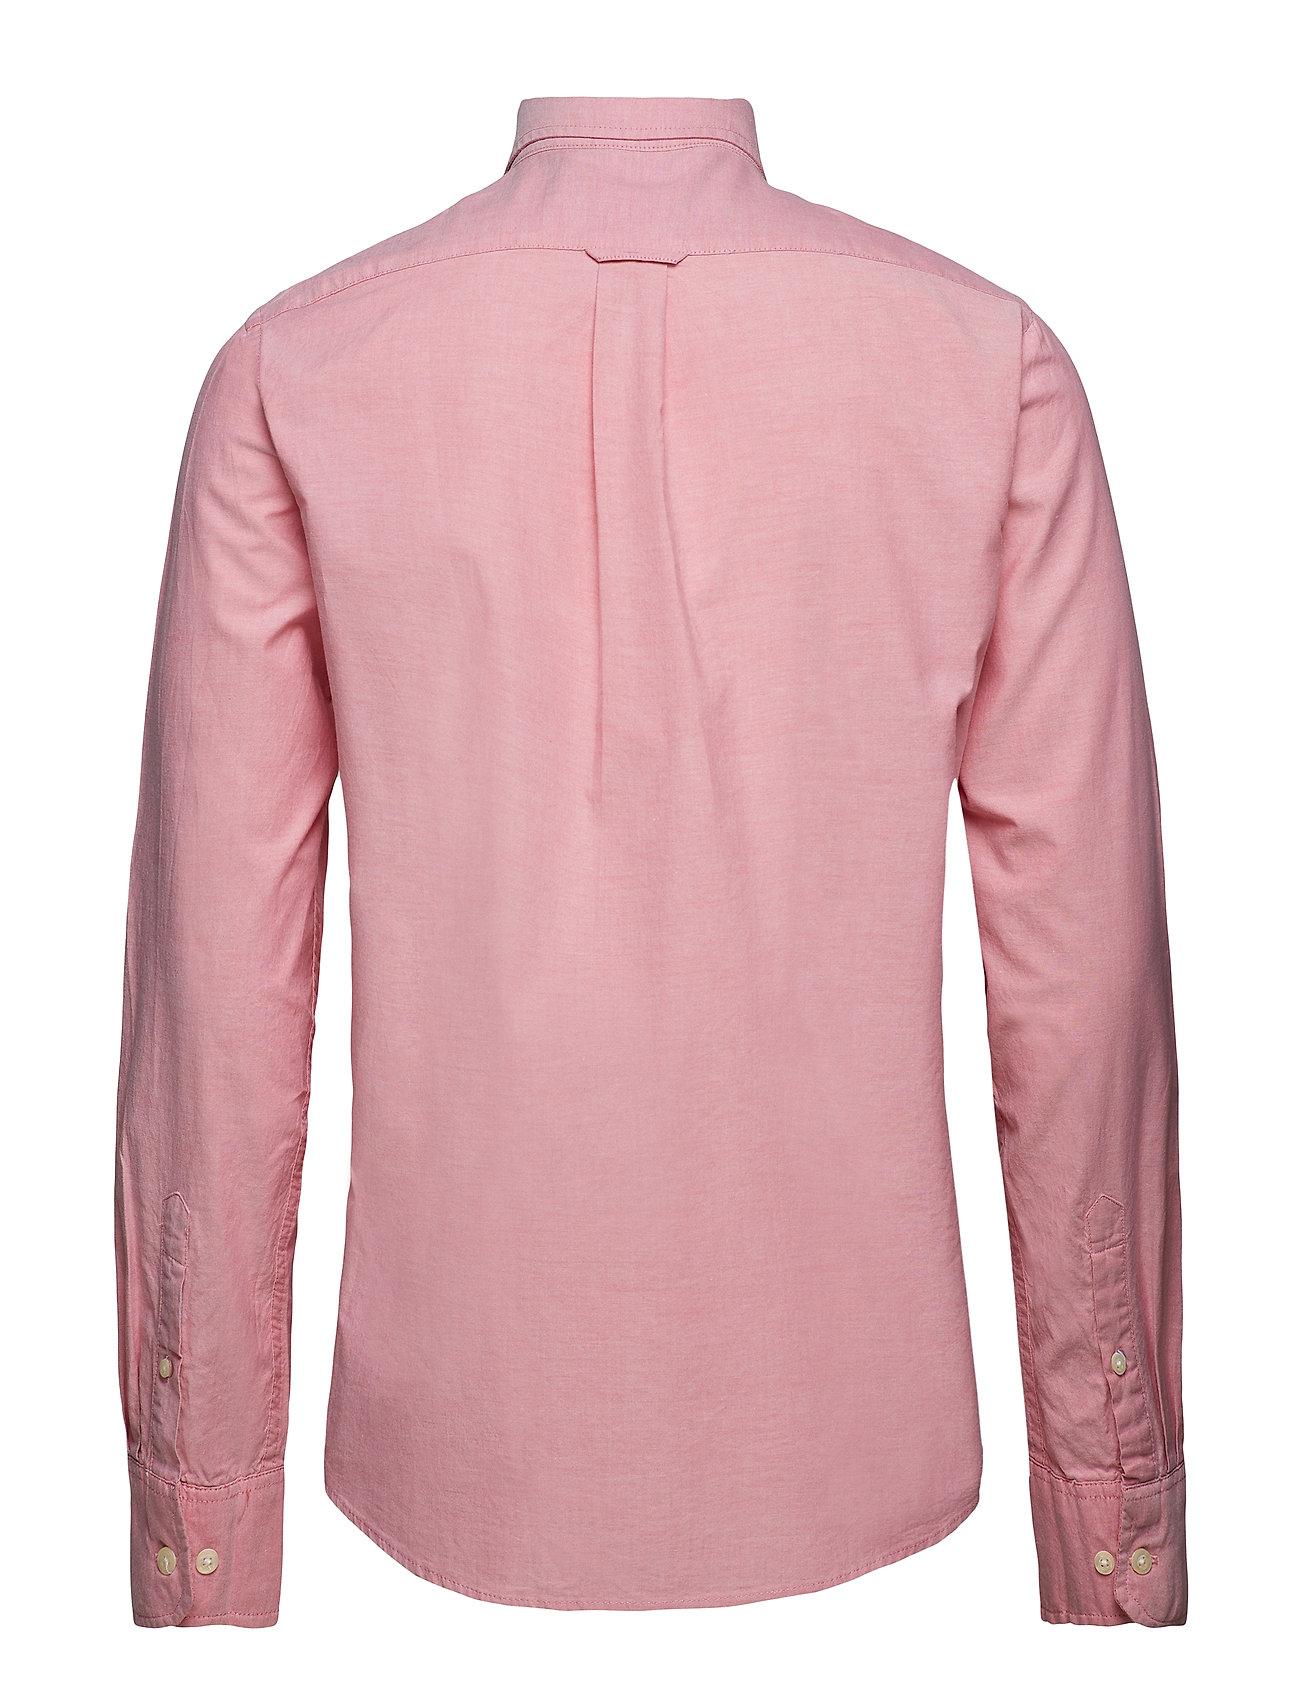 Bd RoseIzod Shirtrapture Oxford Bd Oxford Bd Shirtrapture Shirtrapture Bd RoseIzod RoseIzod Oxford Oxford PkZuOXi